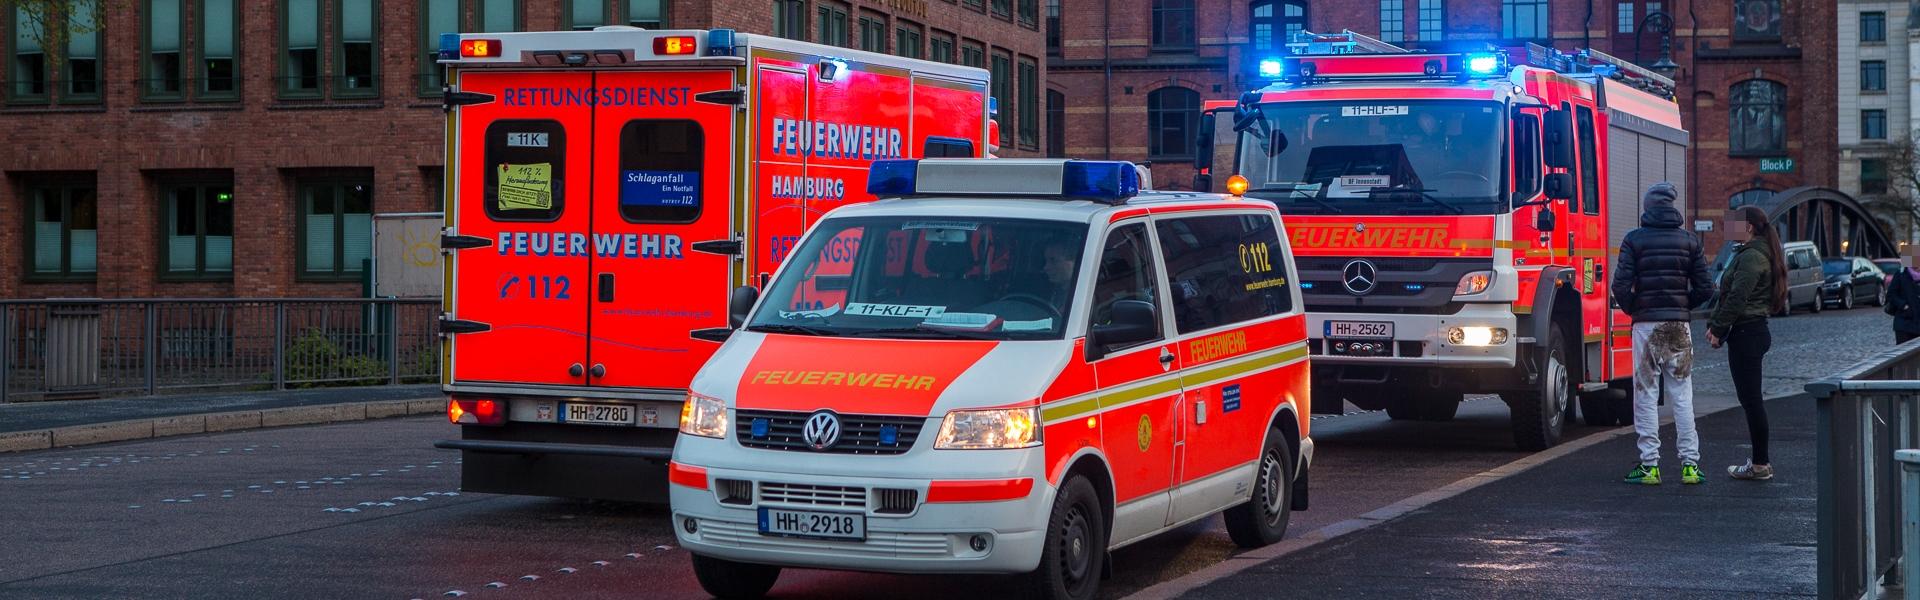 22.04.2017 – Frau springt nach Streit mit Schwester ins St. Annenfleet